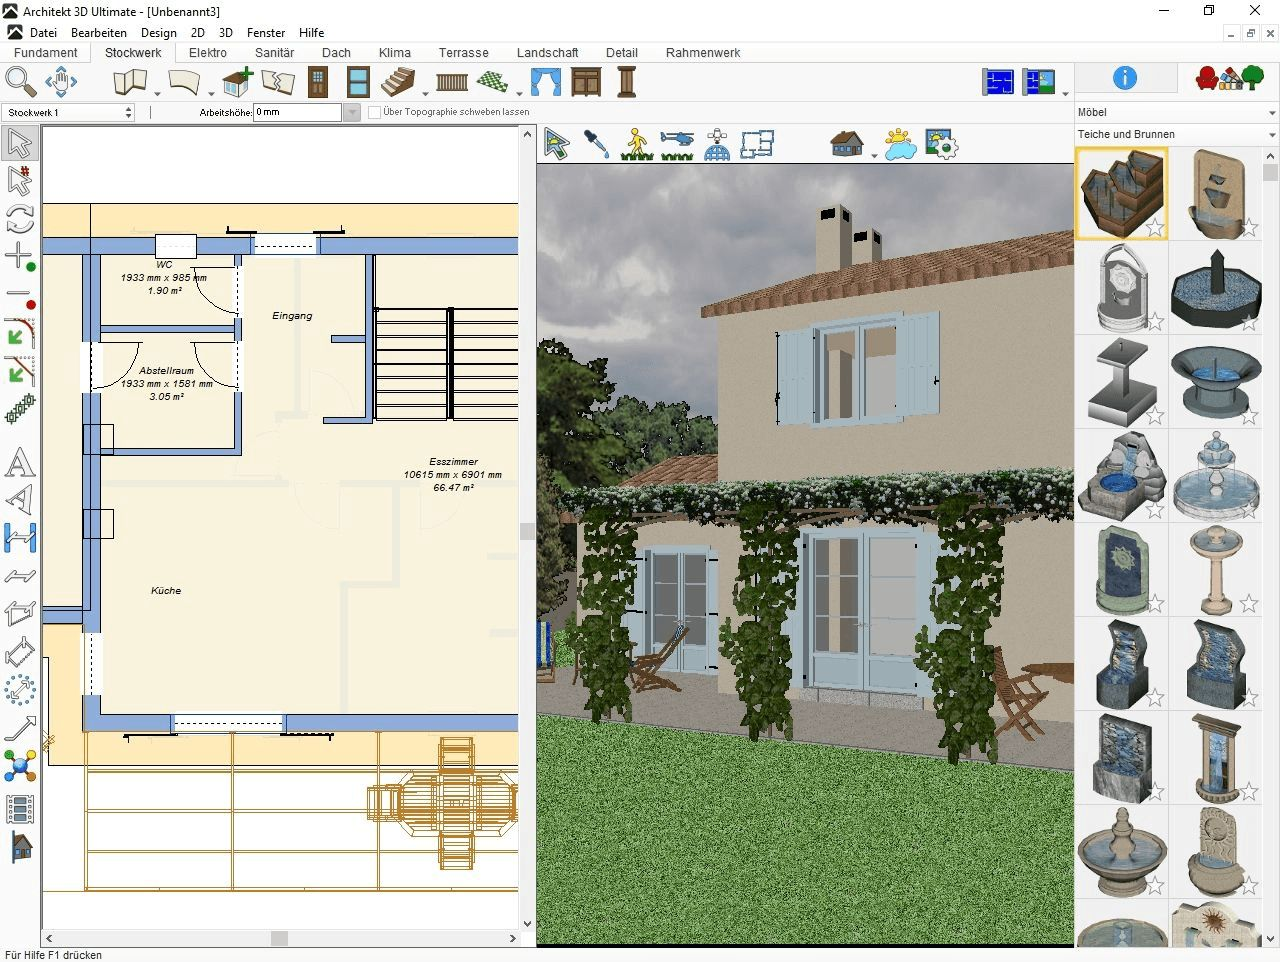 Architekt 3D X9 Ultimate   Der Professionelle 3D Planer Für Haus, Wohnung,  Garten Und Inneneinrichtung! Windows 10, 8, 7, XP, Vista (32 /64 Bit)  [Download]: ...